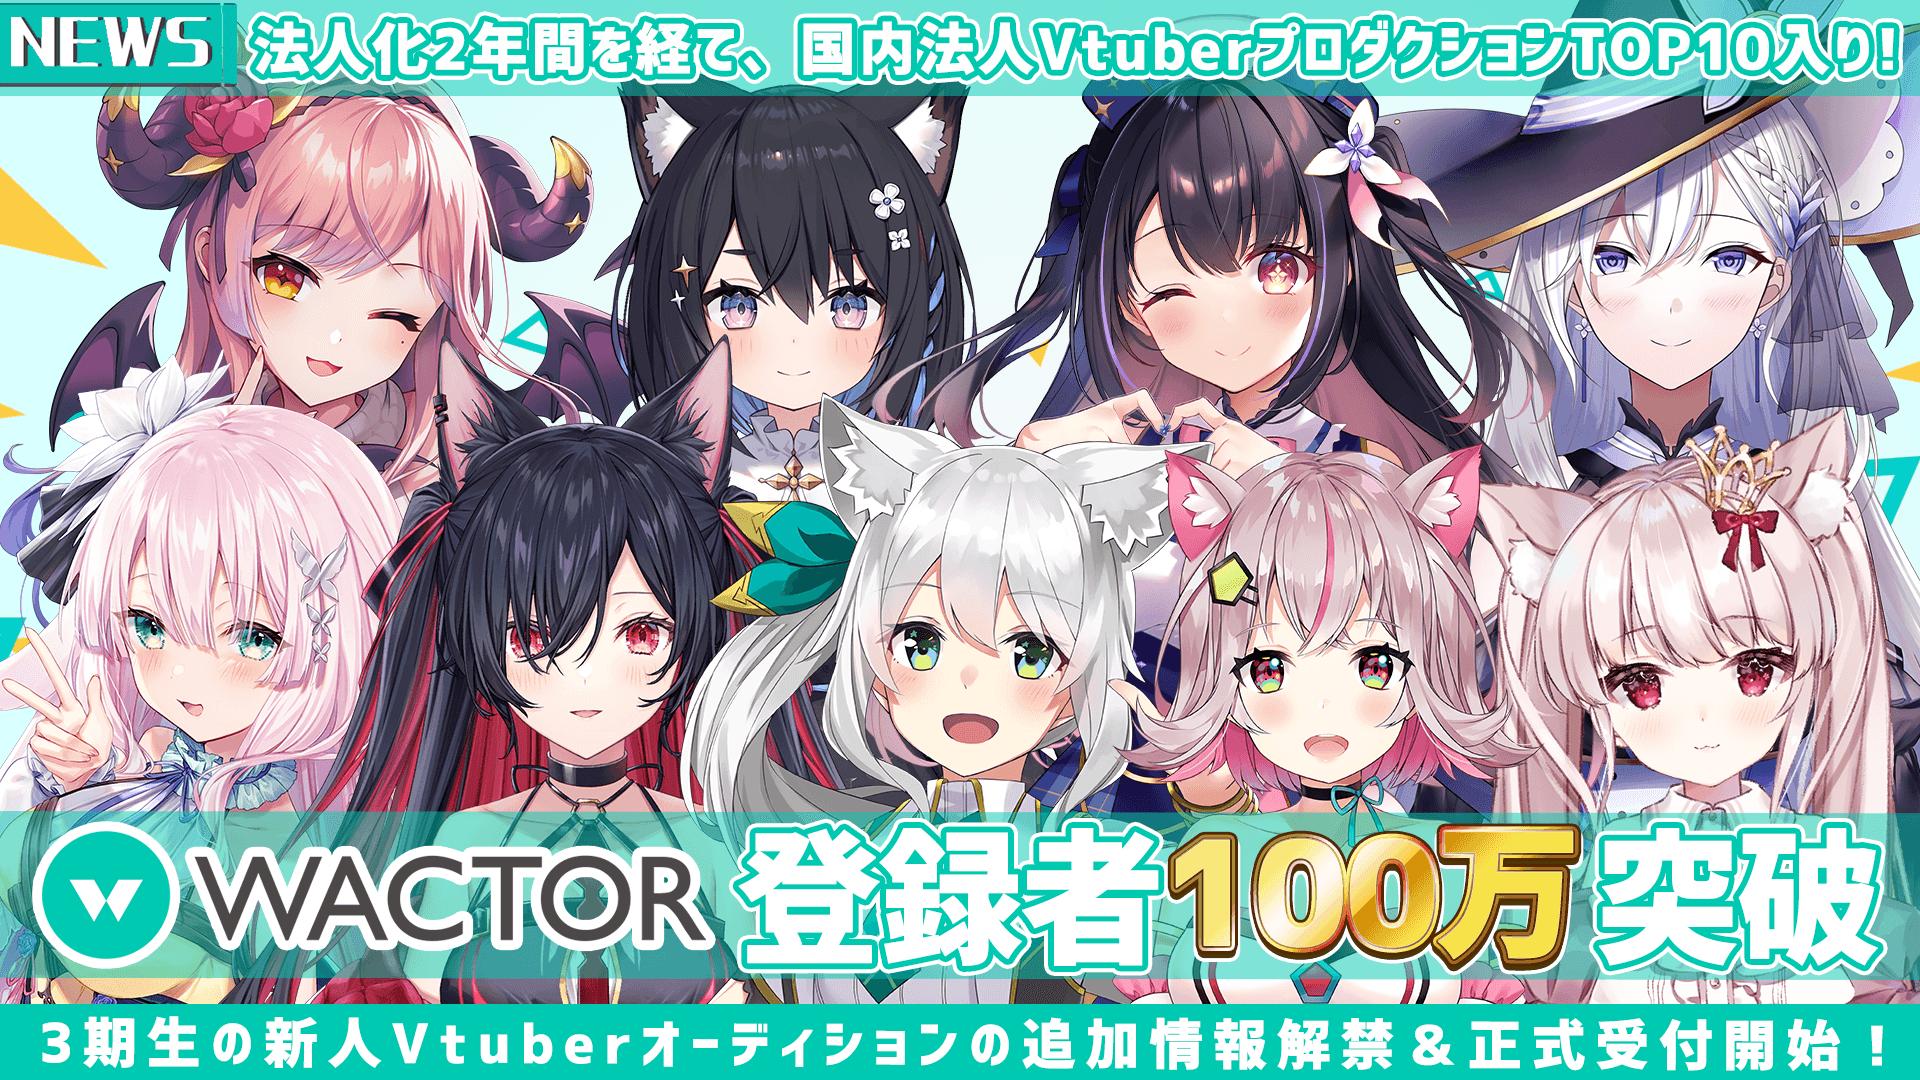 累計登録者100万人突破し日本法人TOP10入り!3年目を迎えたVtuberプロダクションWACTOR3期生の新人Vtuberオーディション情報解禁!